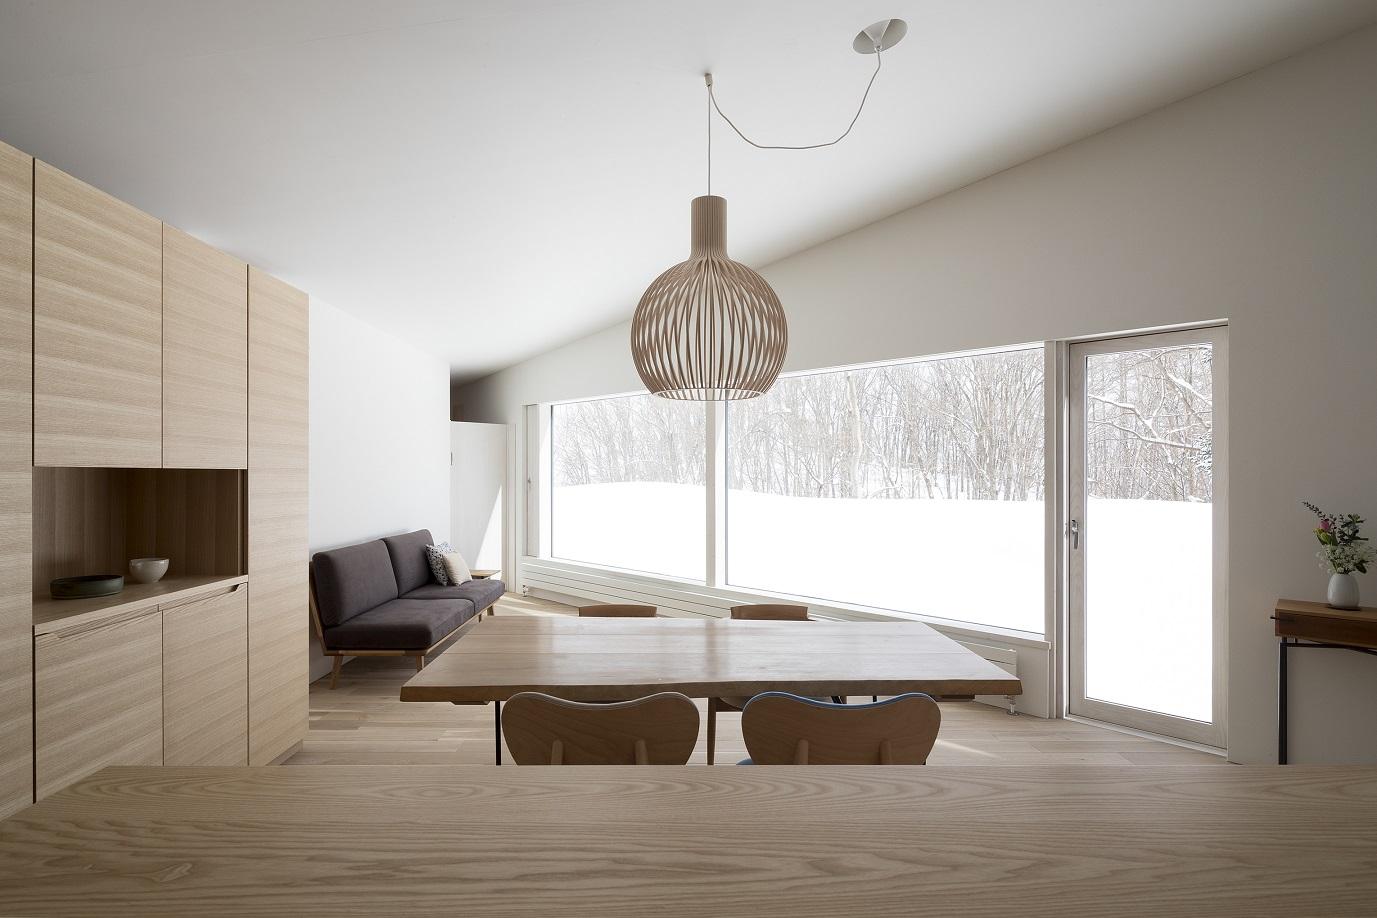 セクトデザインの照明がおしゃれな新築物件